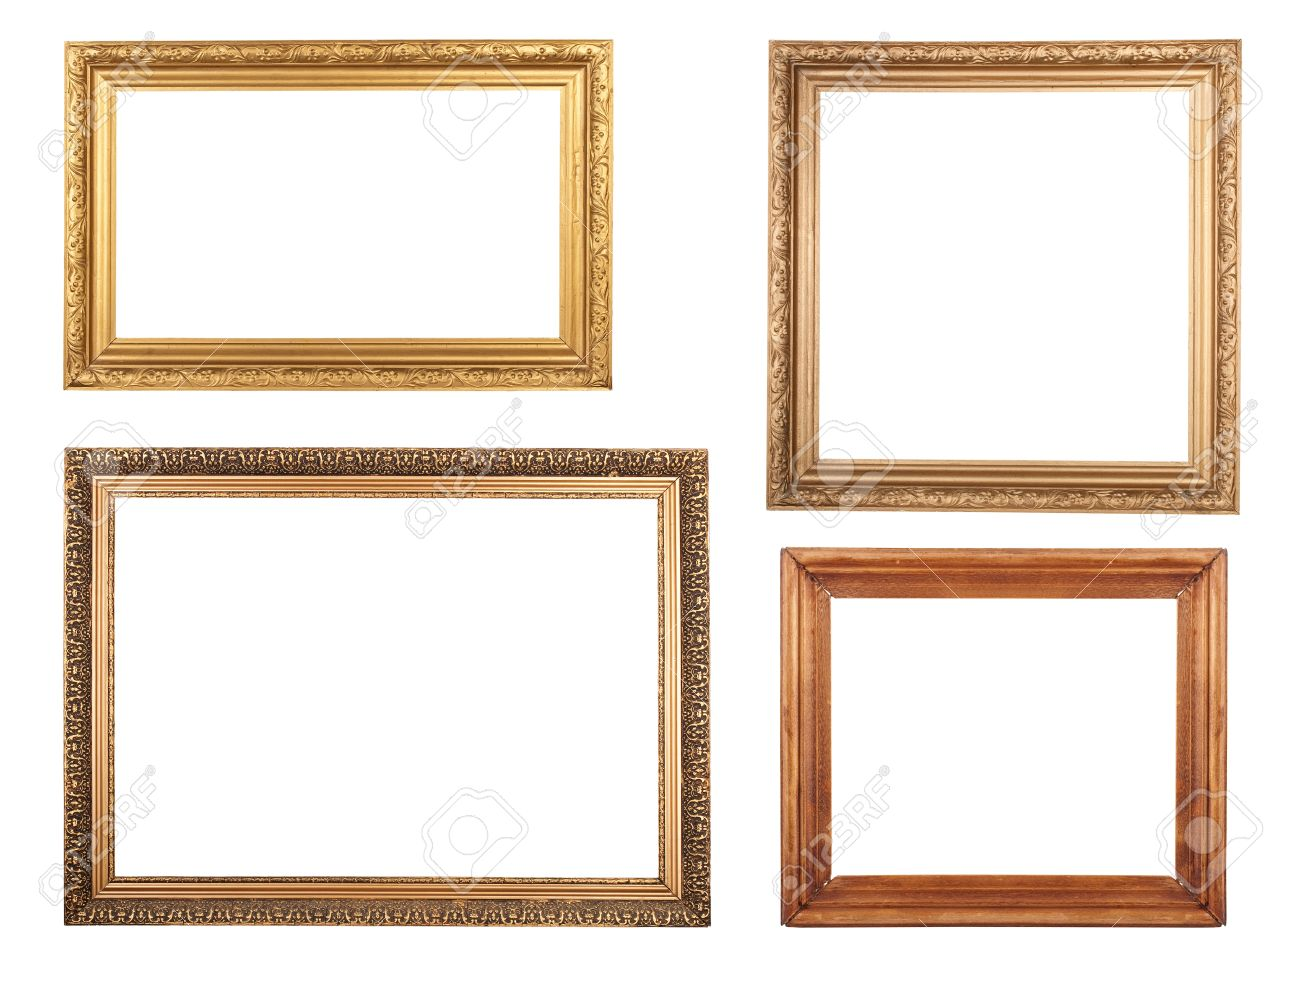 Cuatro Marcos De Cuadros Antiguos. De Alta Resolución. Fotos ...